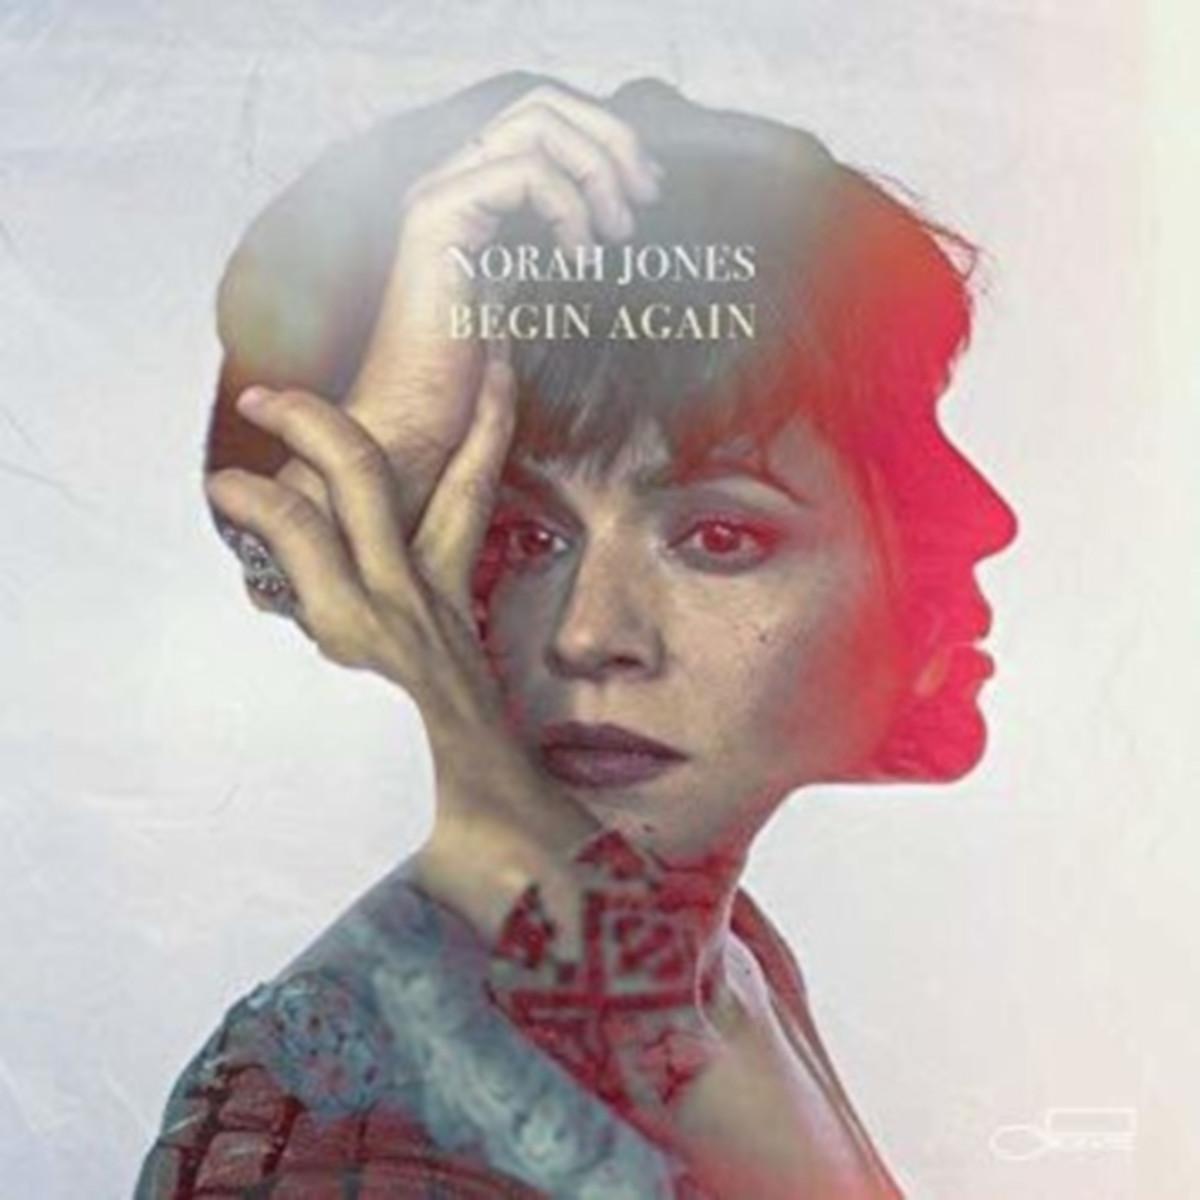 Norah Jones <br/> Begin Again <br/> Blue Note, 2019